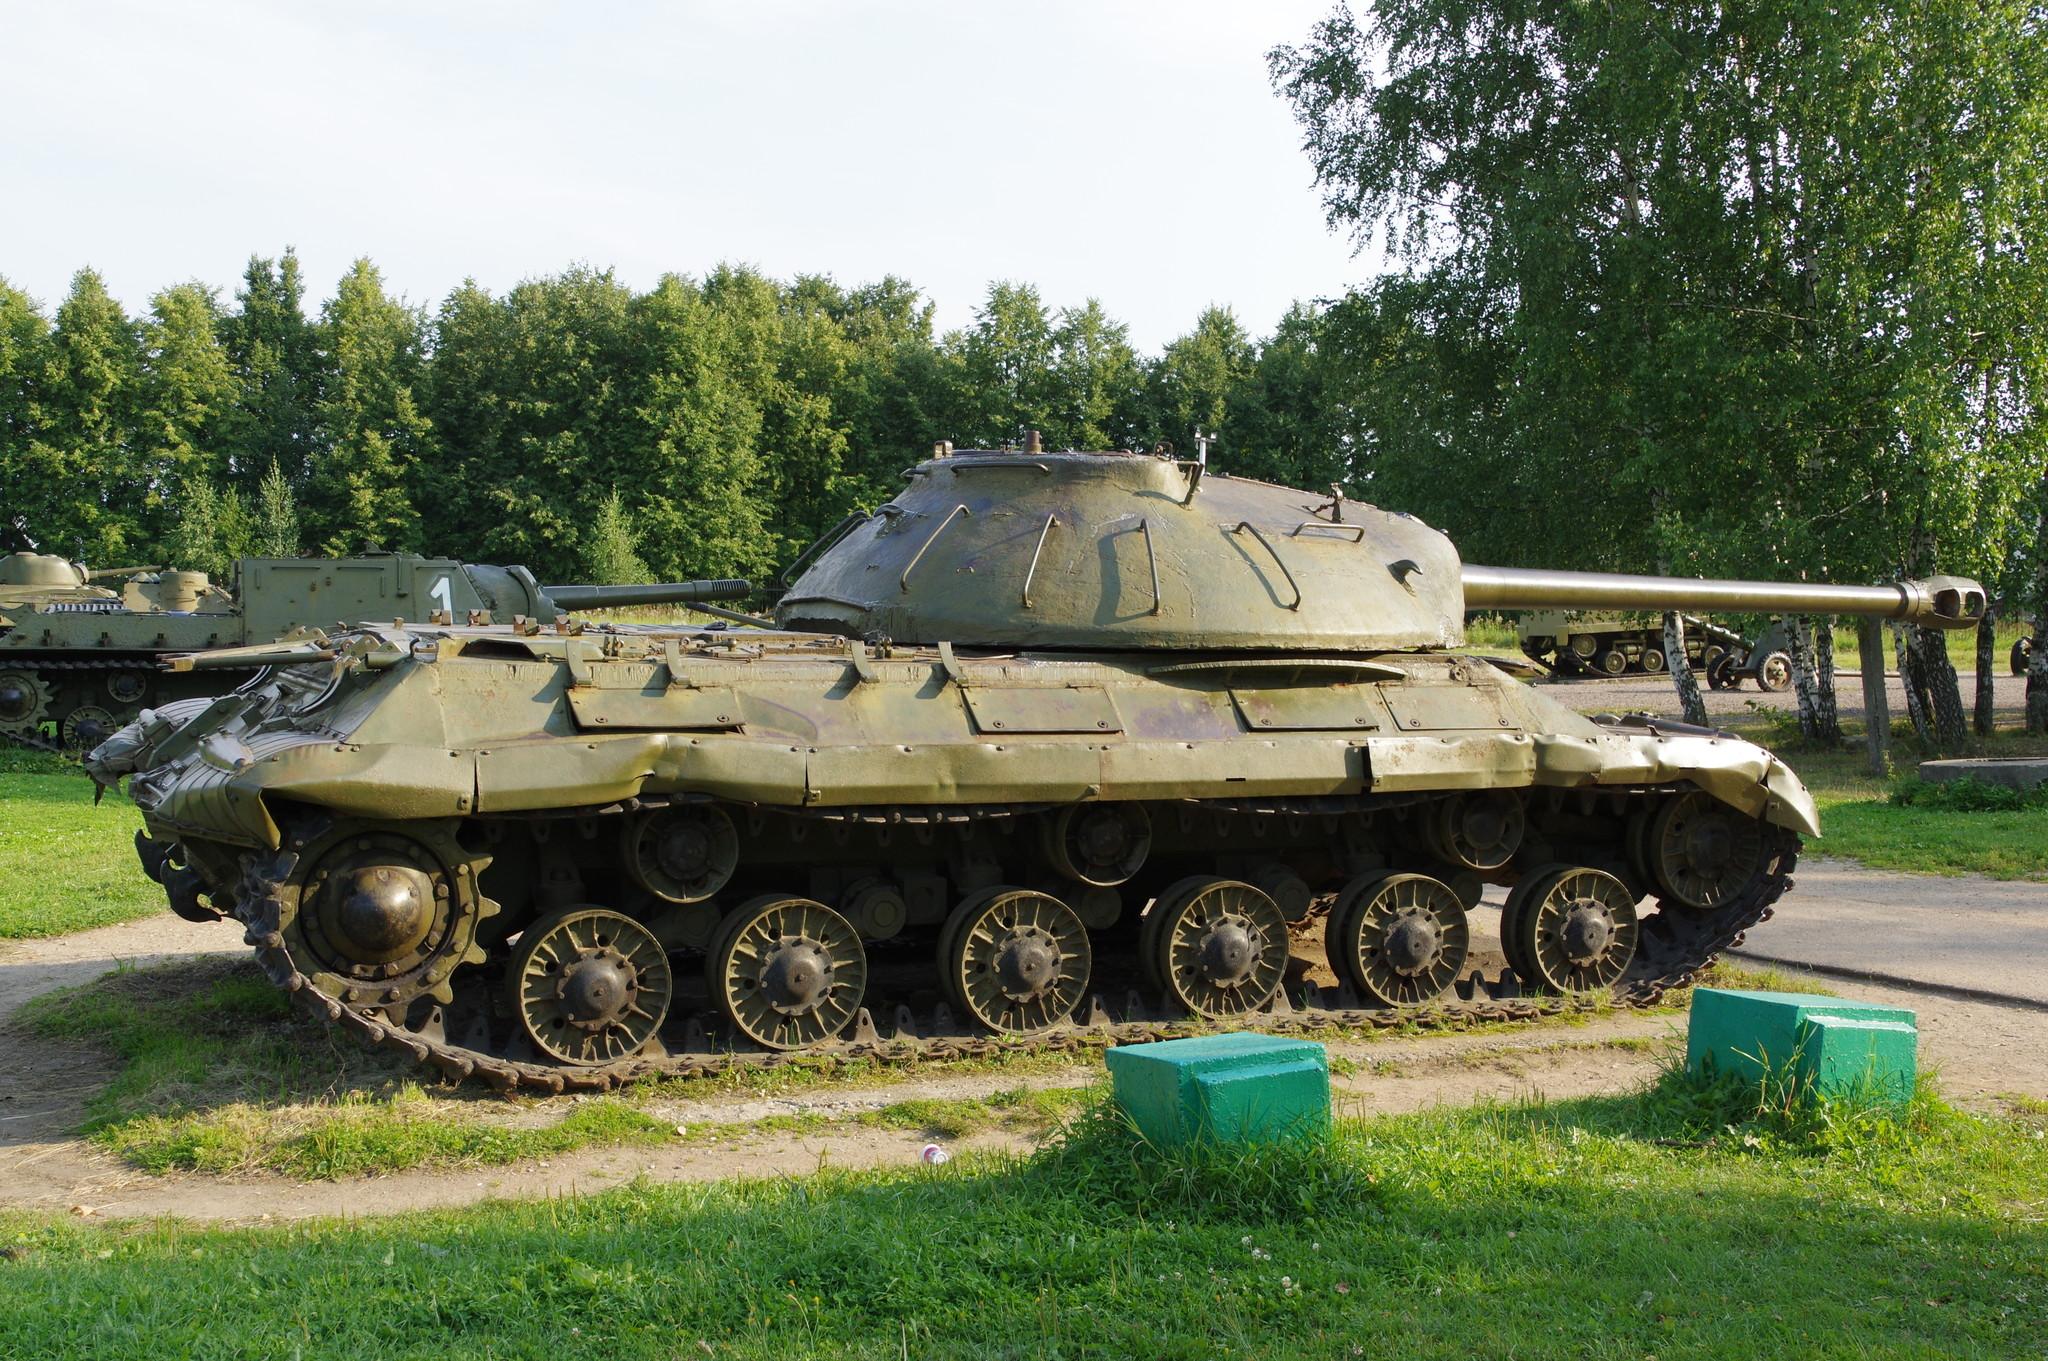 Тяжёлый танк ИС-3 (Ленино-Снегиревский военно-исторический музей)